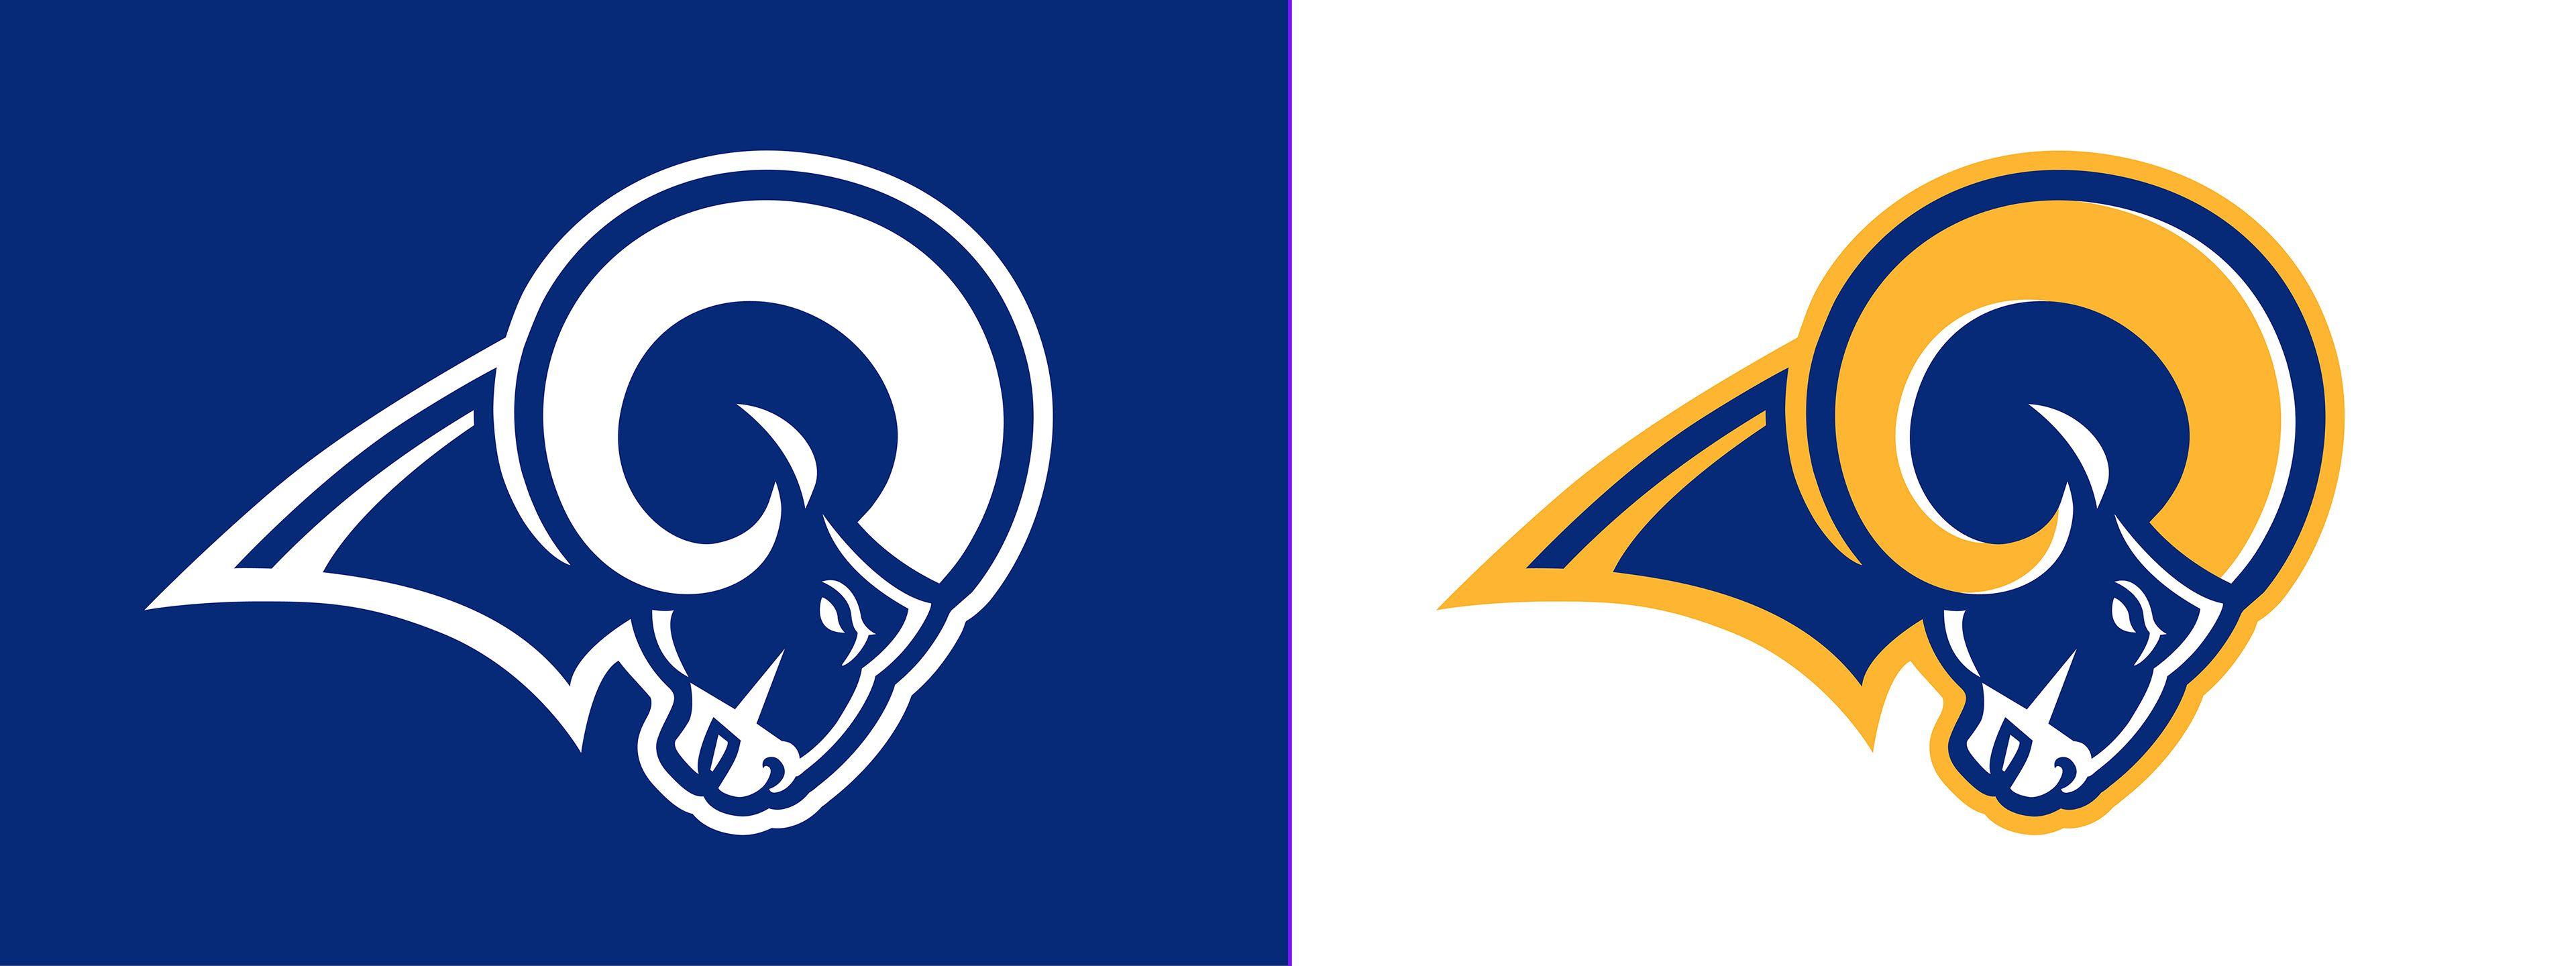 Team I D Los Angeles Rams Concept In 2020 Los Angeles Rams Los Angeles Concept